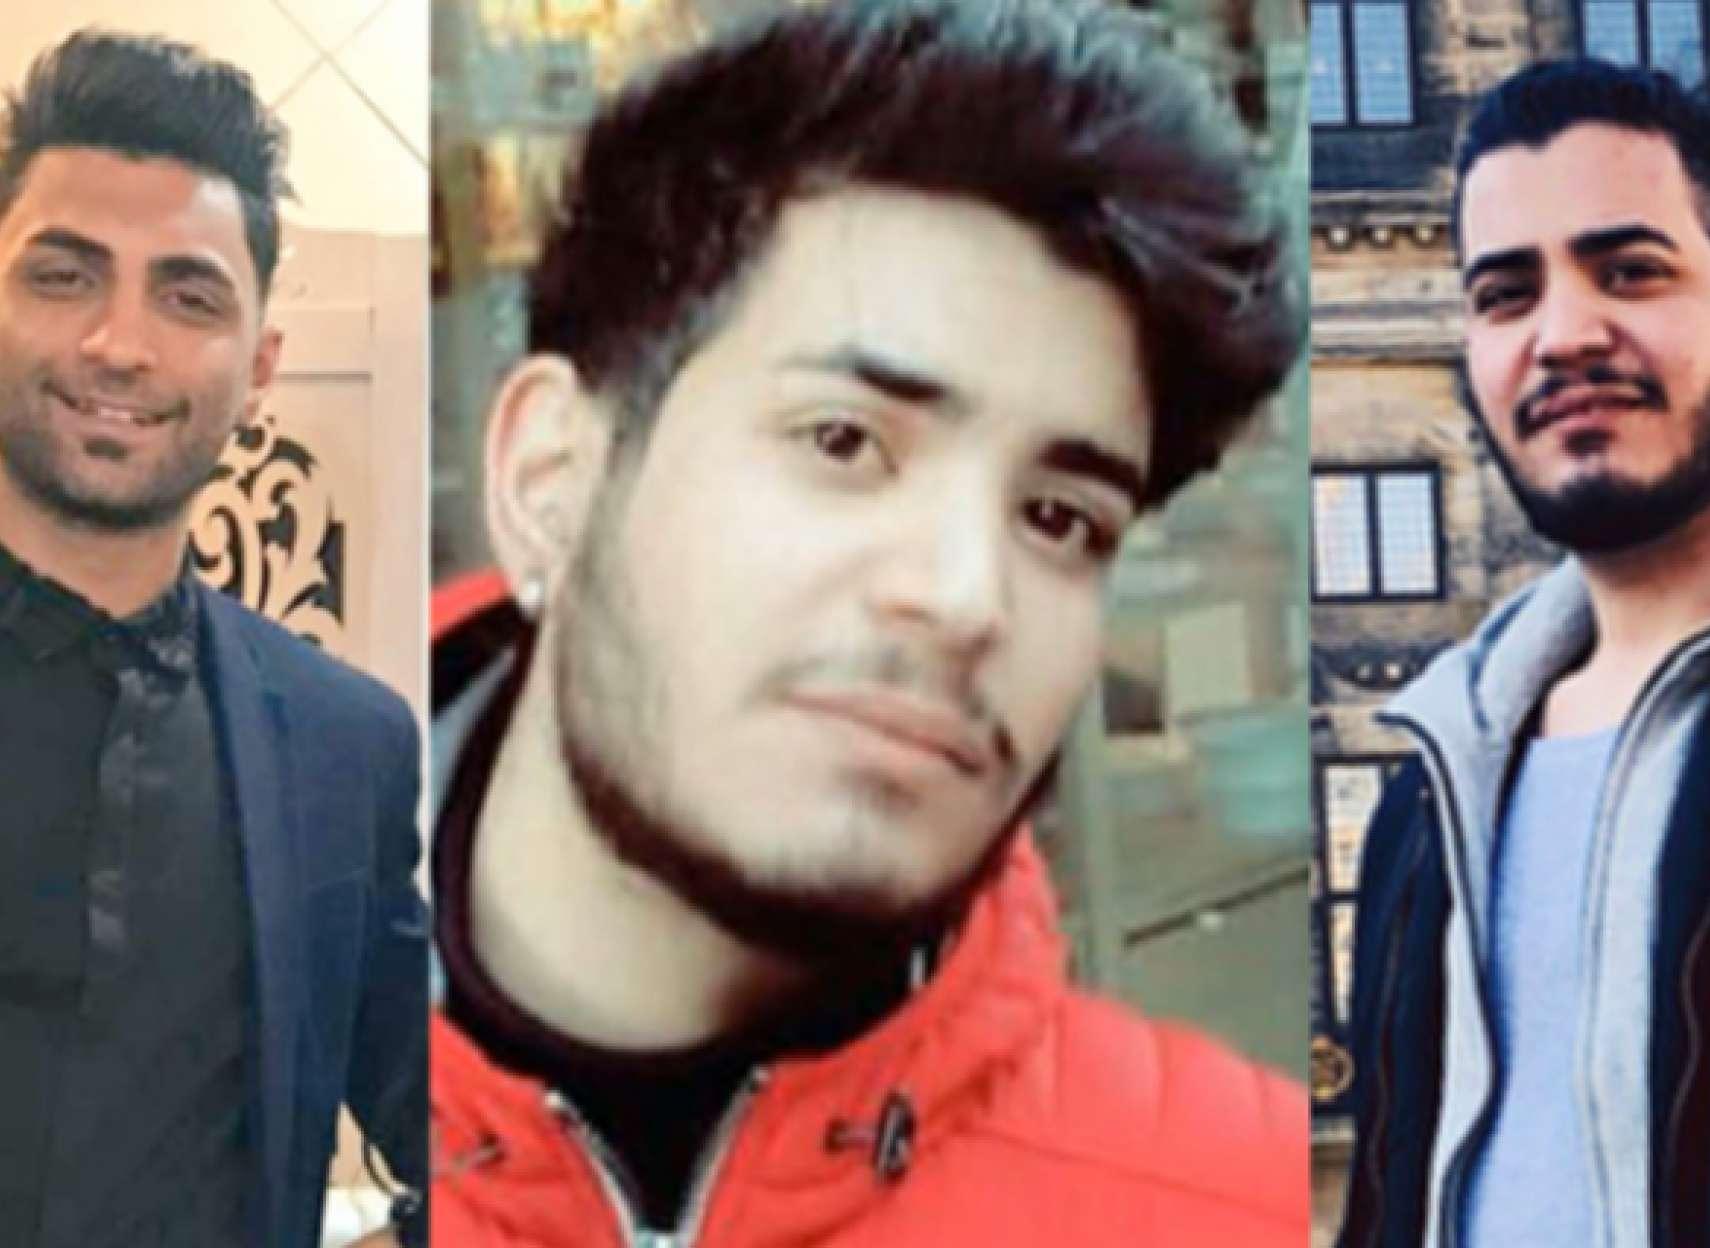 توقف-اعدام-سه-جوان-معترض-آبان- ماه- ۱۳۹۸-کمپین-اعدام-نکنید- با-حضور-میلیونی-کاربران-ایرانی-به- ثمر-نشست